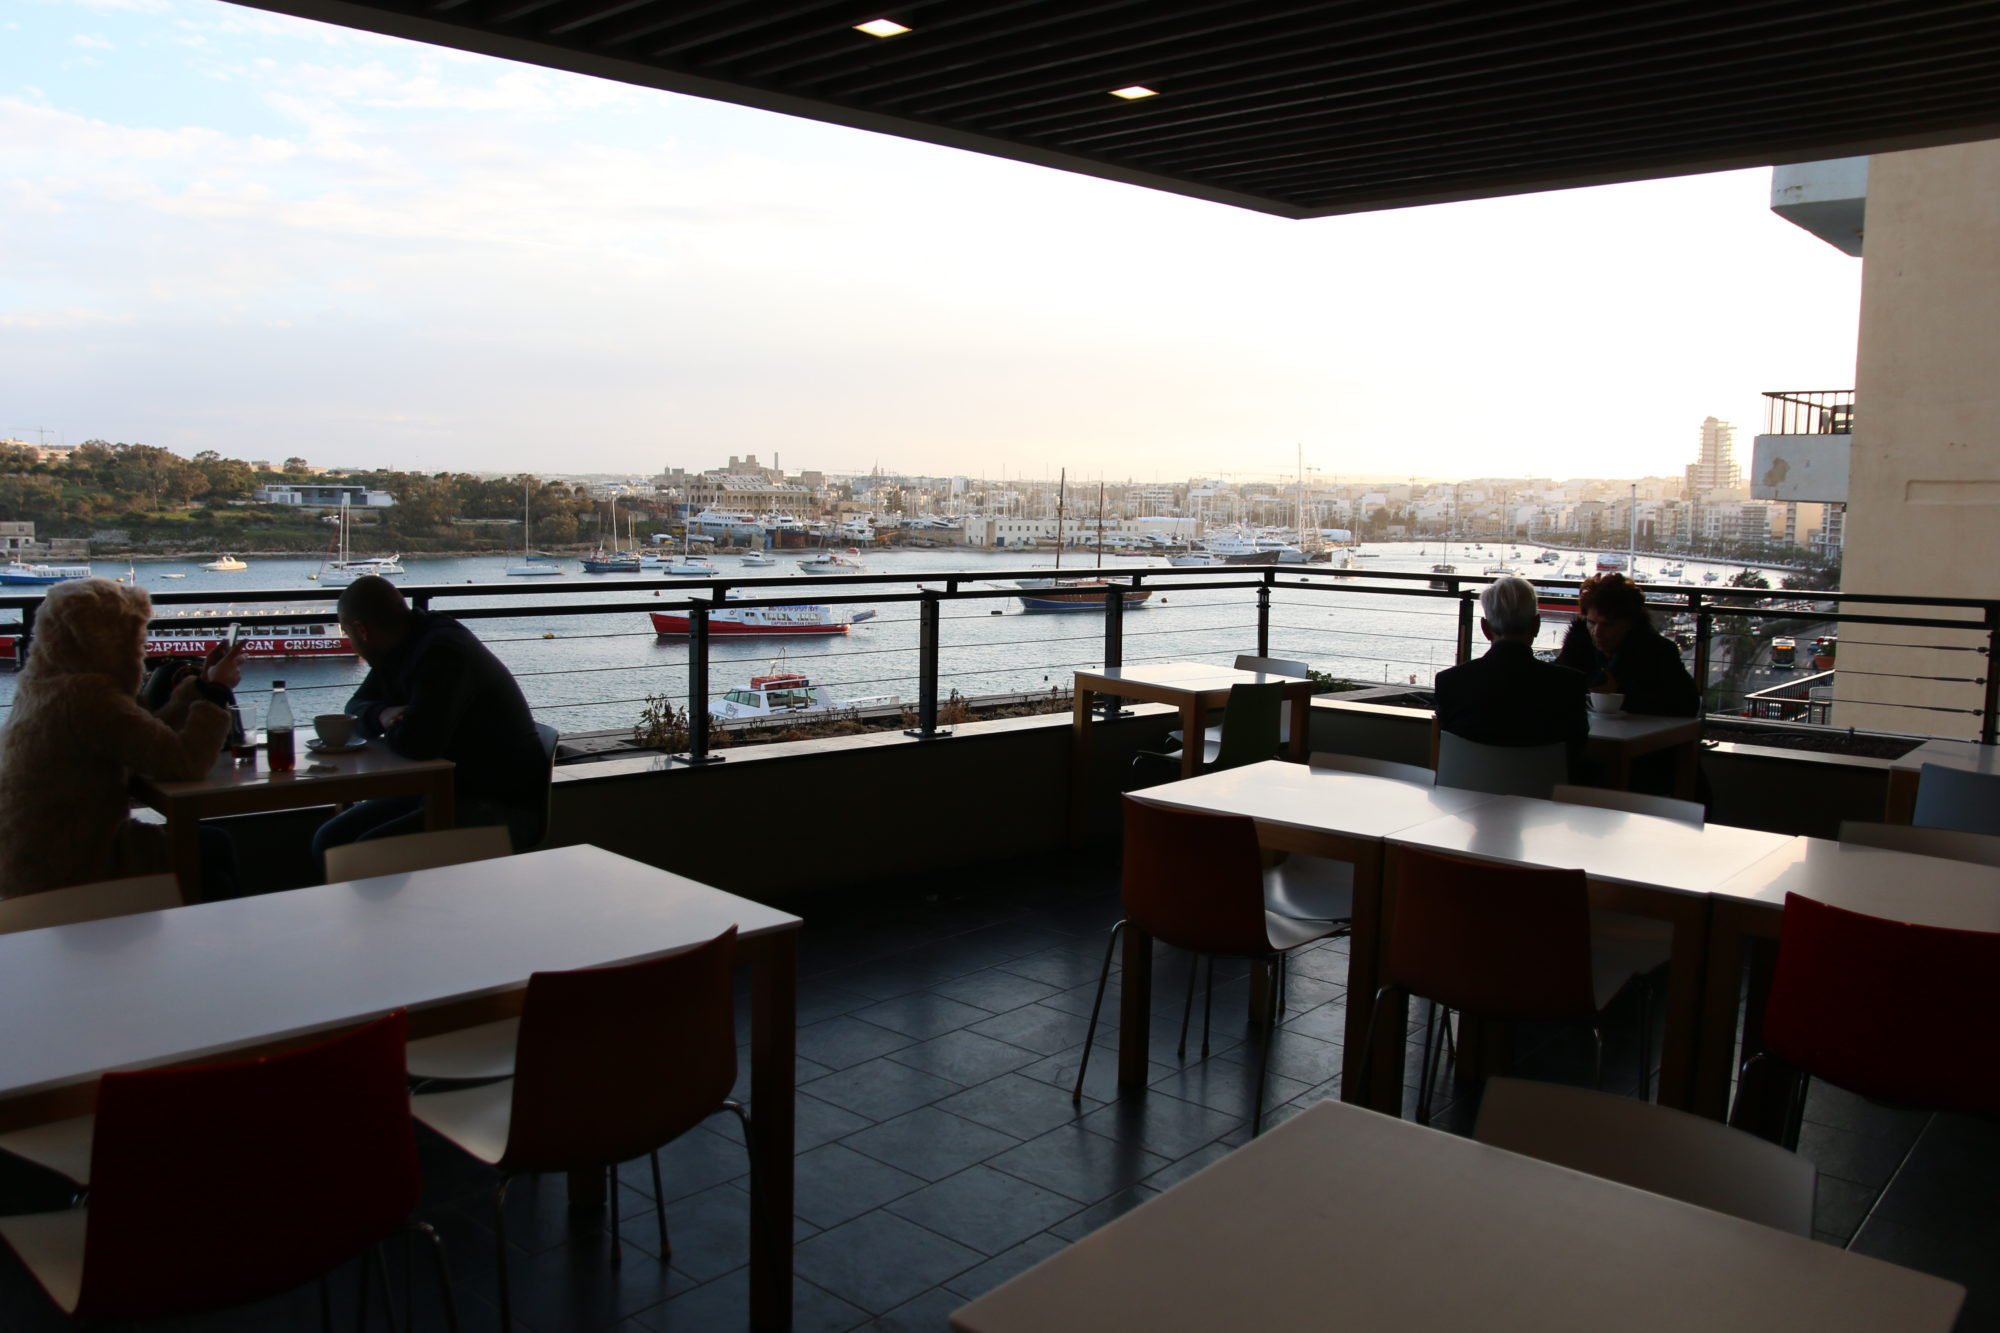 マルタ スリーマ Marks & Spencer Cafeでバレッタの景色を見ながらのコーヒーをいただく